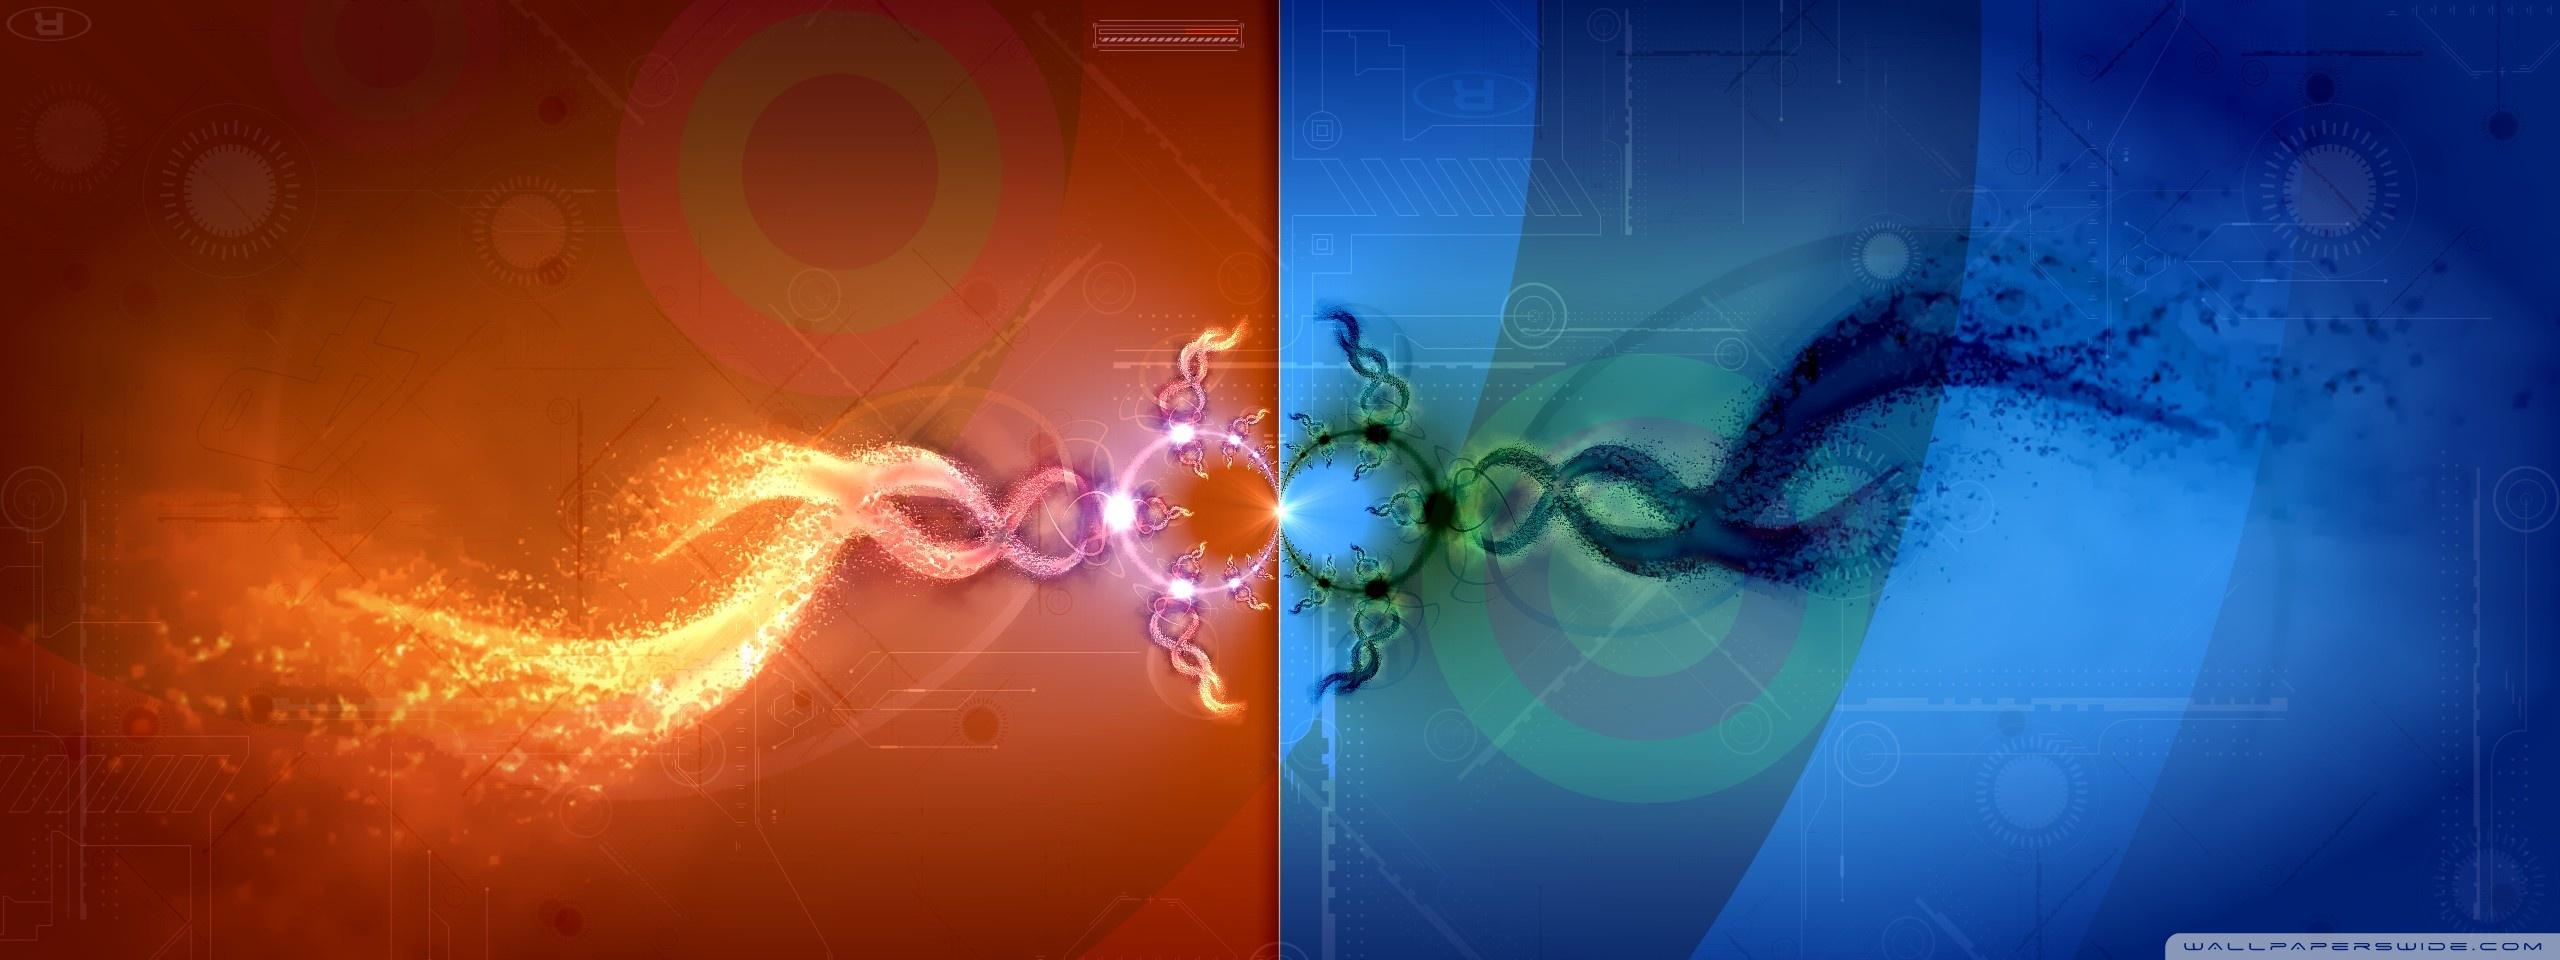 Dual Monitor Wallpaper Fond D Ecran Dual Screen 56156 Hd Wallpaper Backgrounds Download